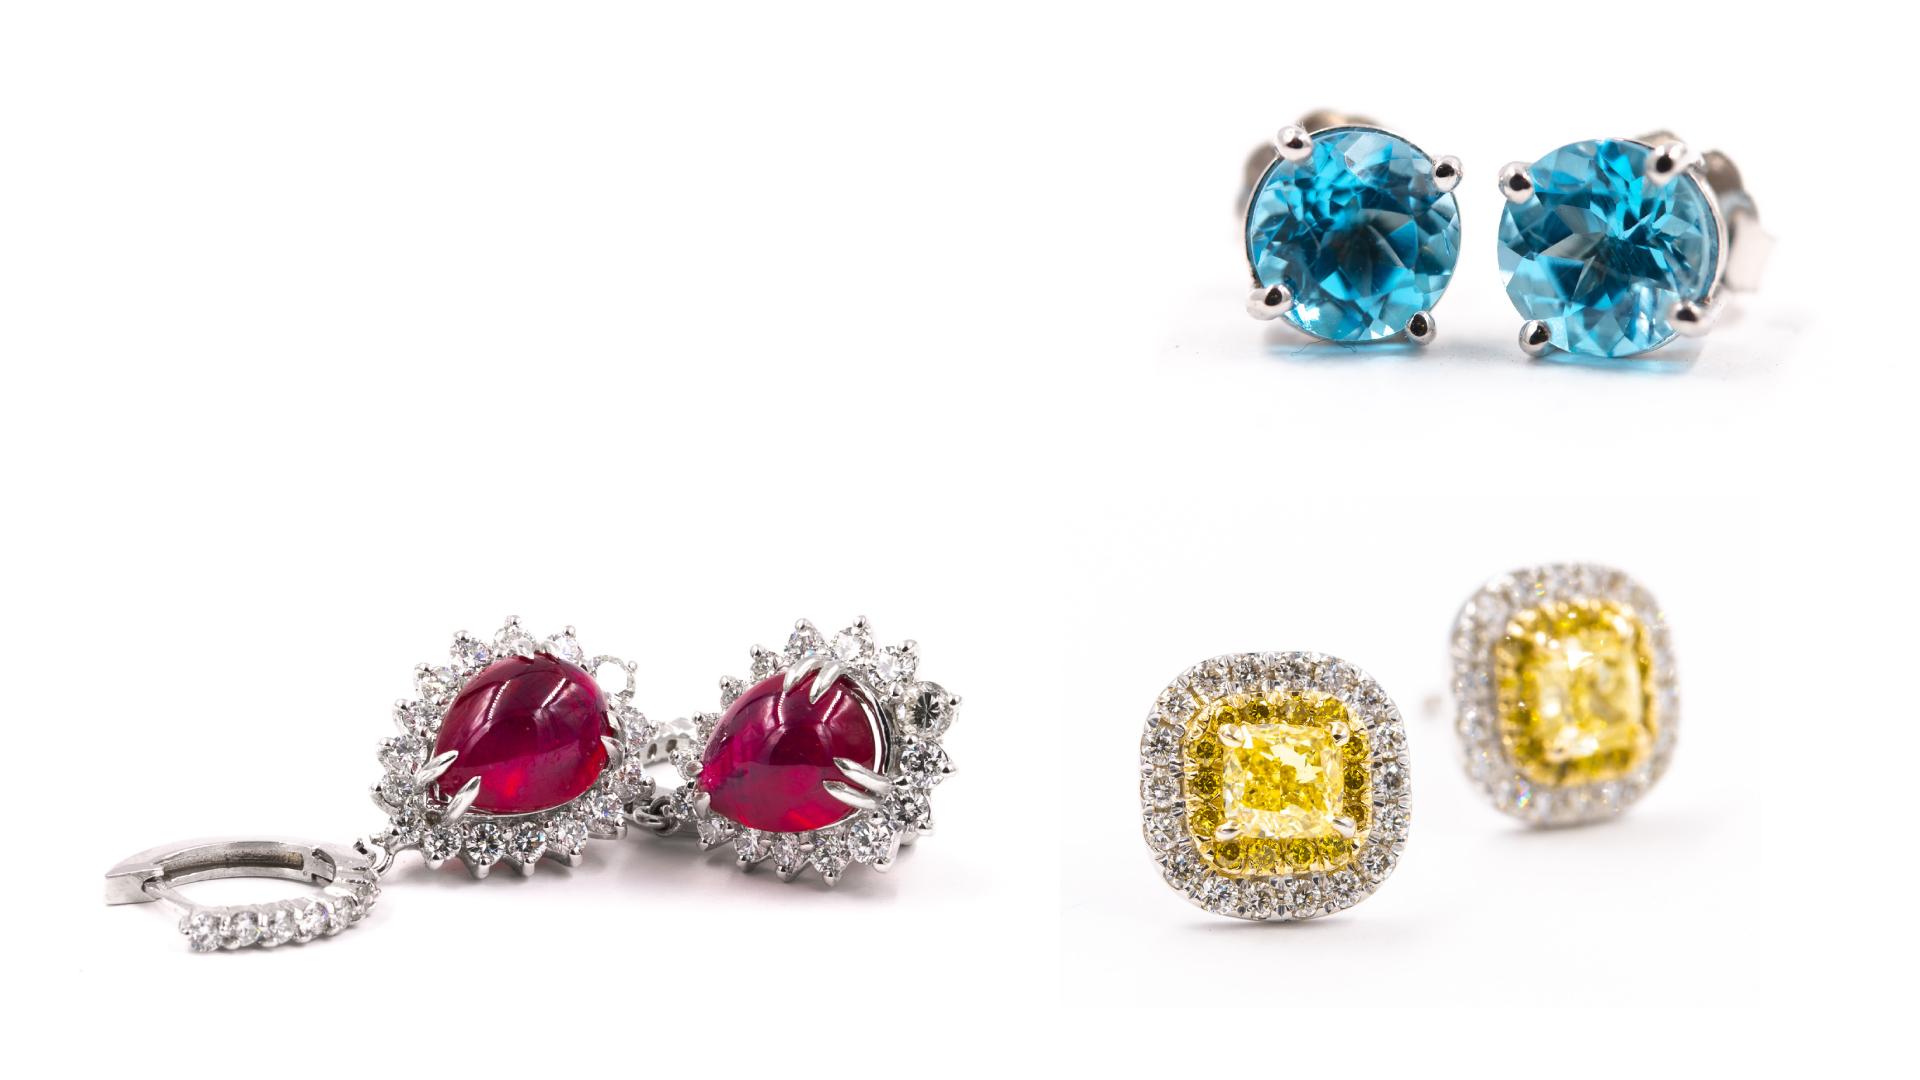 earrings-jewelry-slider-v3